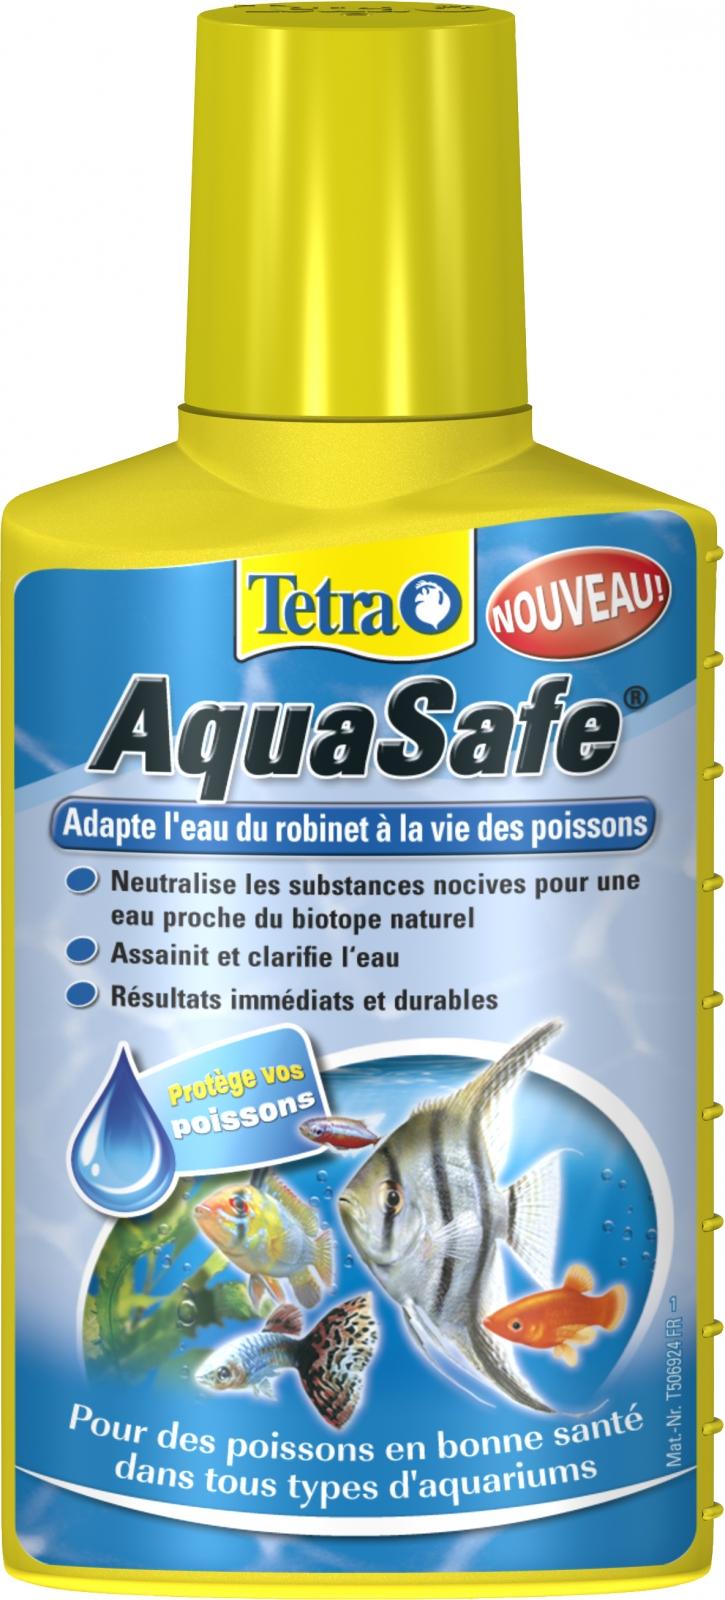 Tetra aquasafe 100 ml transforme instantan ment l 39 eau du - Combien coute 1 litre d eau du robinet ...